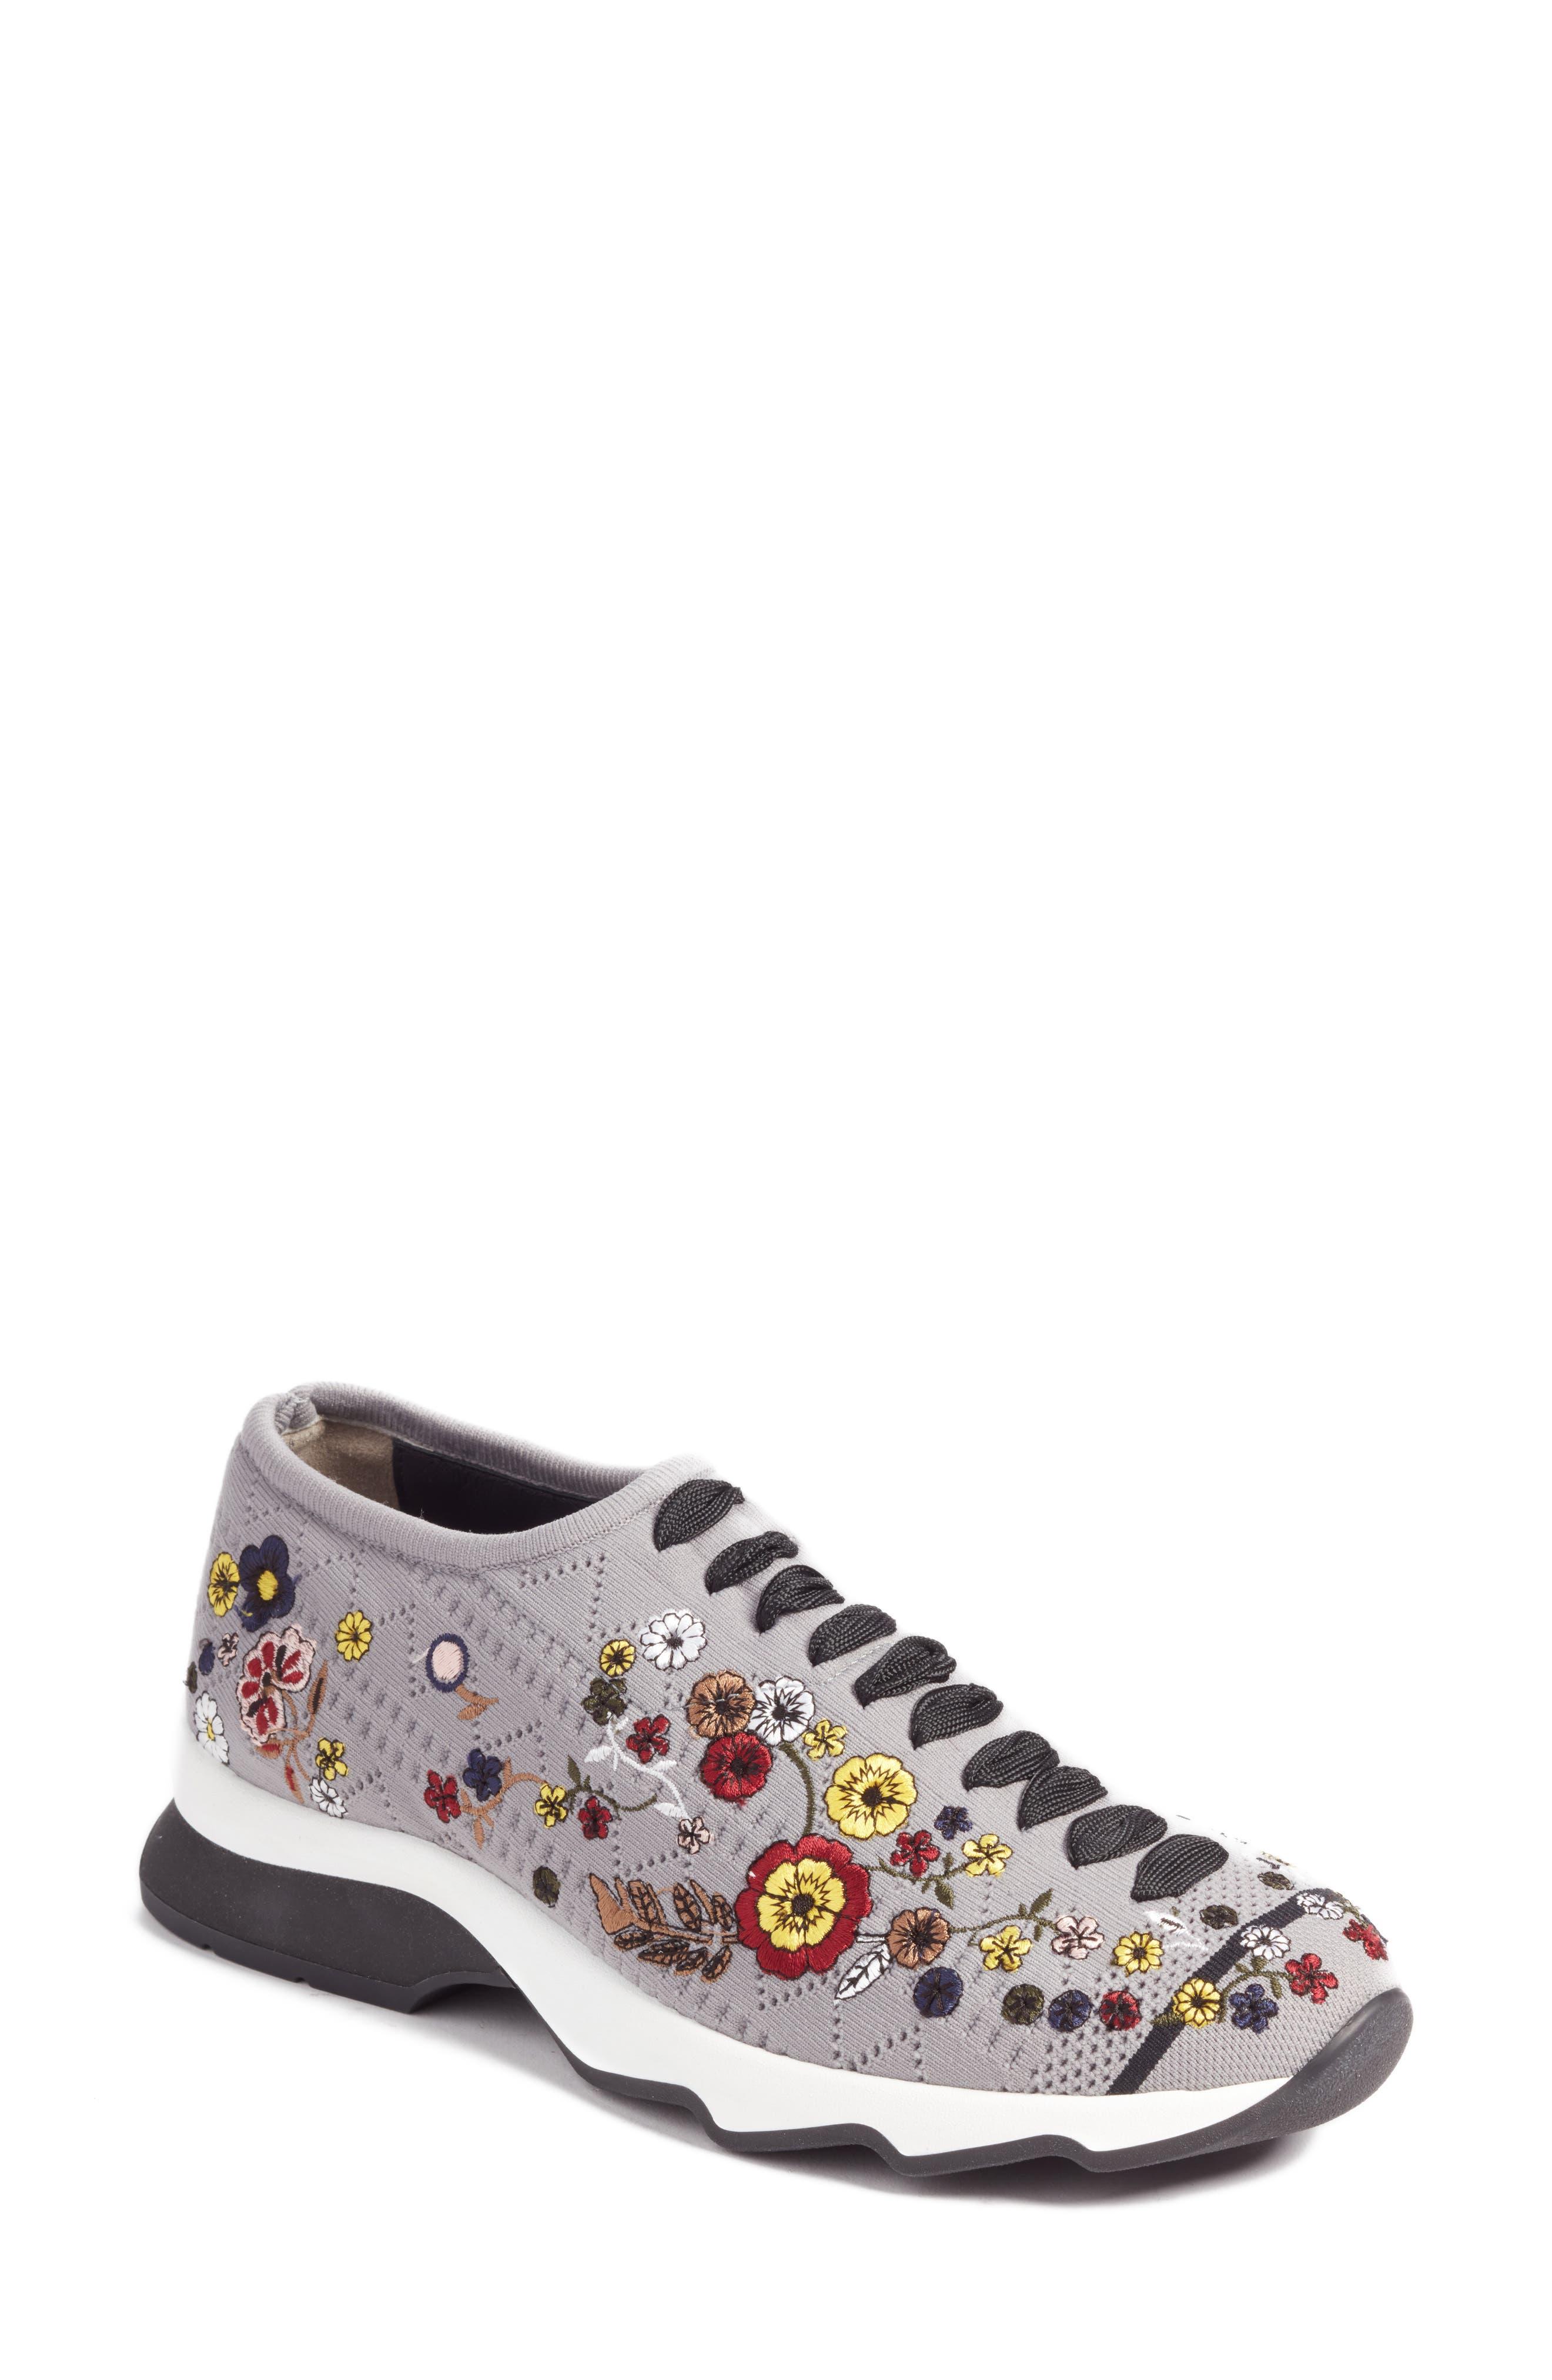 Marie Antoinette Sneaker,                             Main thumbnail 1, color,                             100